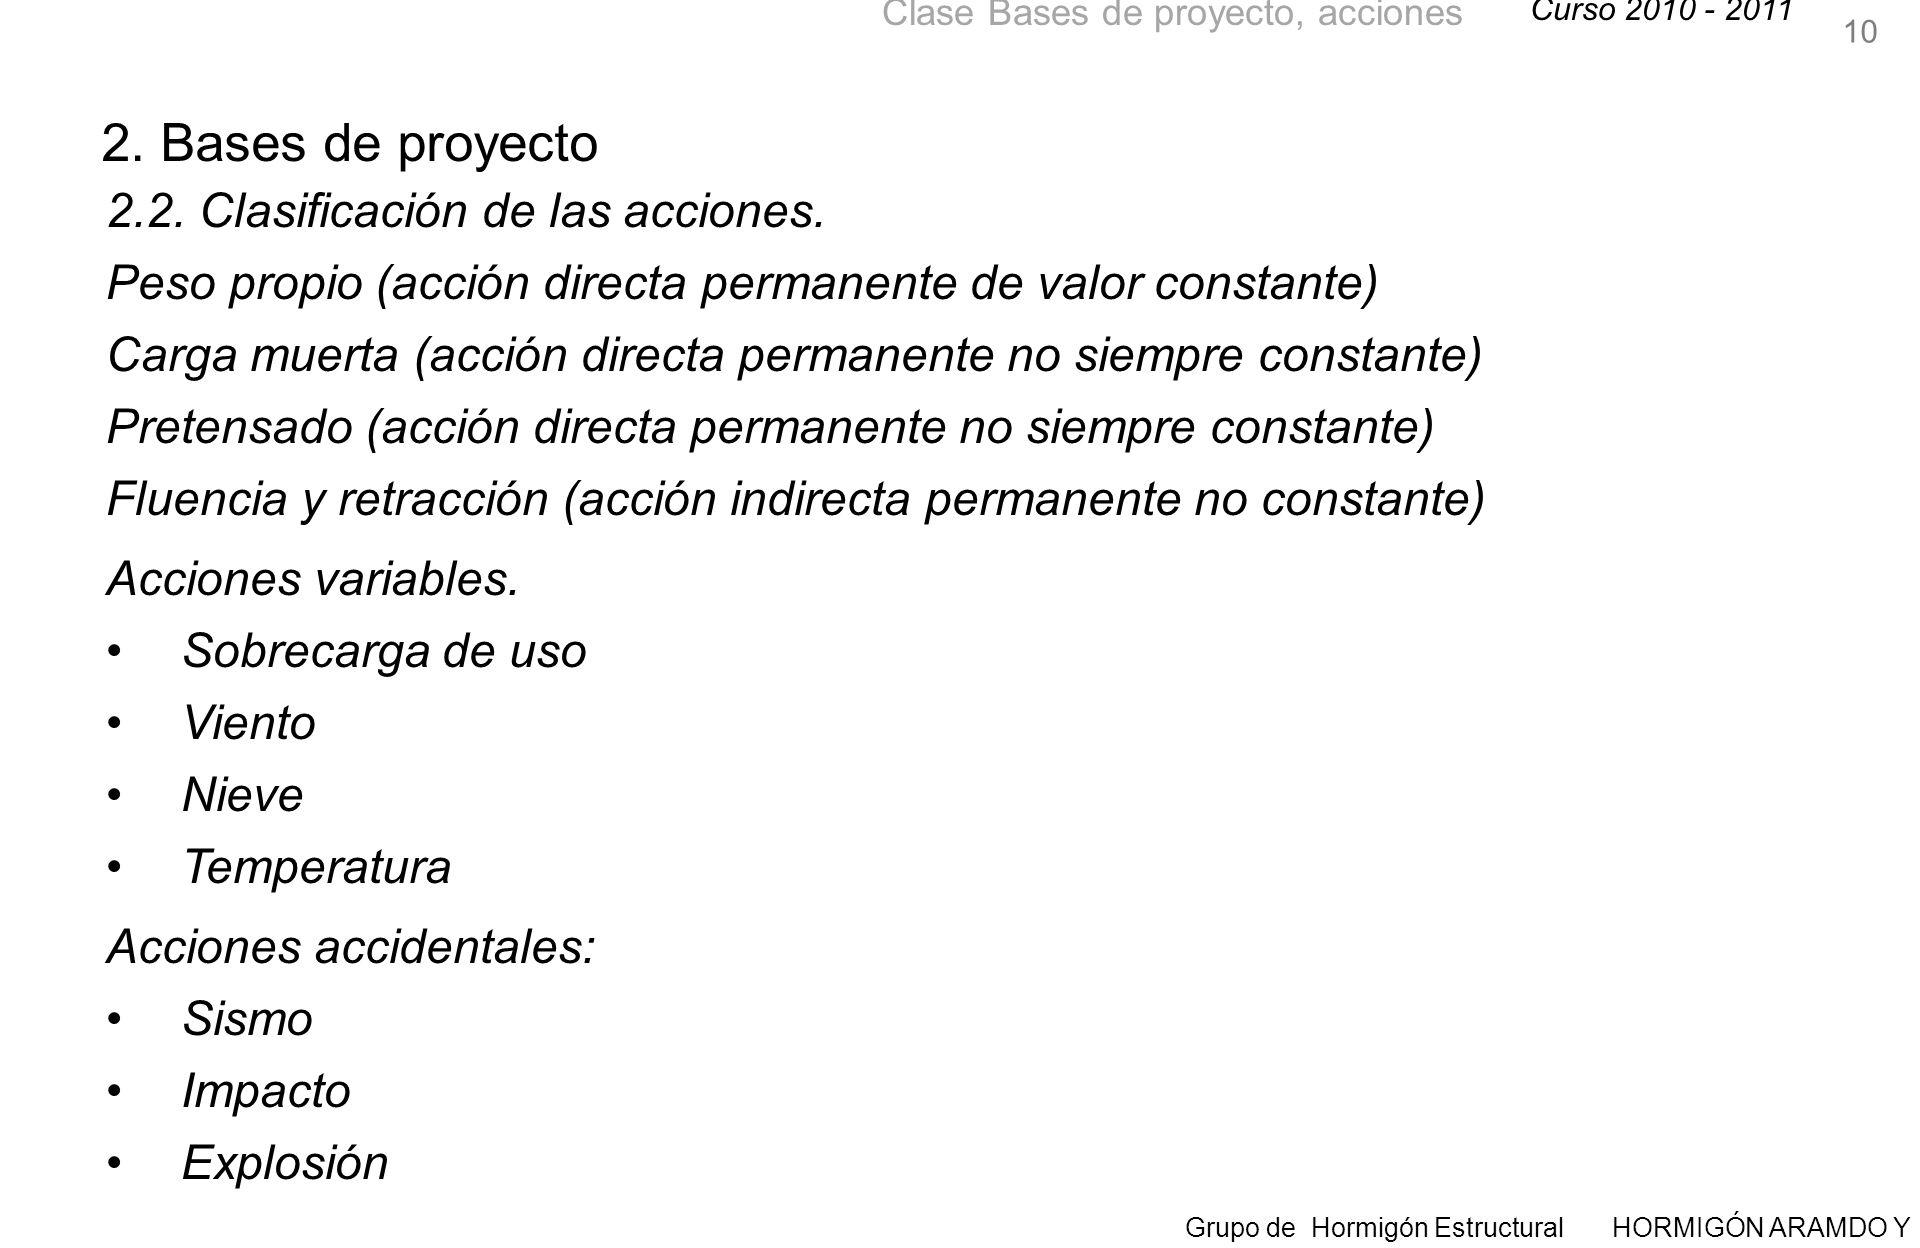 2. Bases de proyecto 2.2. Clasificación de las acciones.